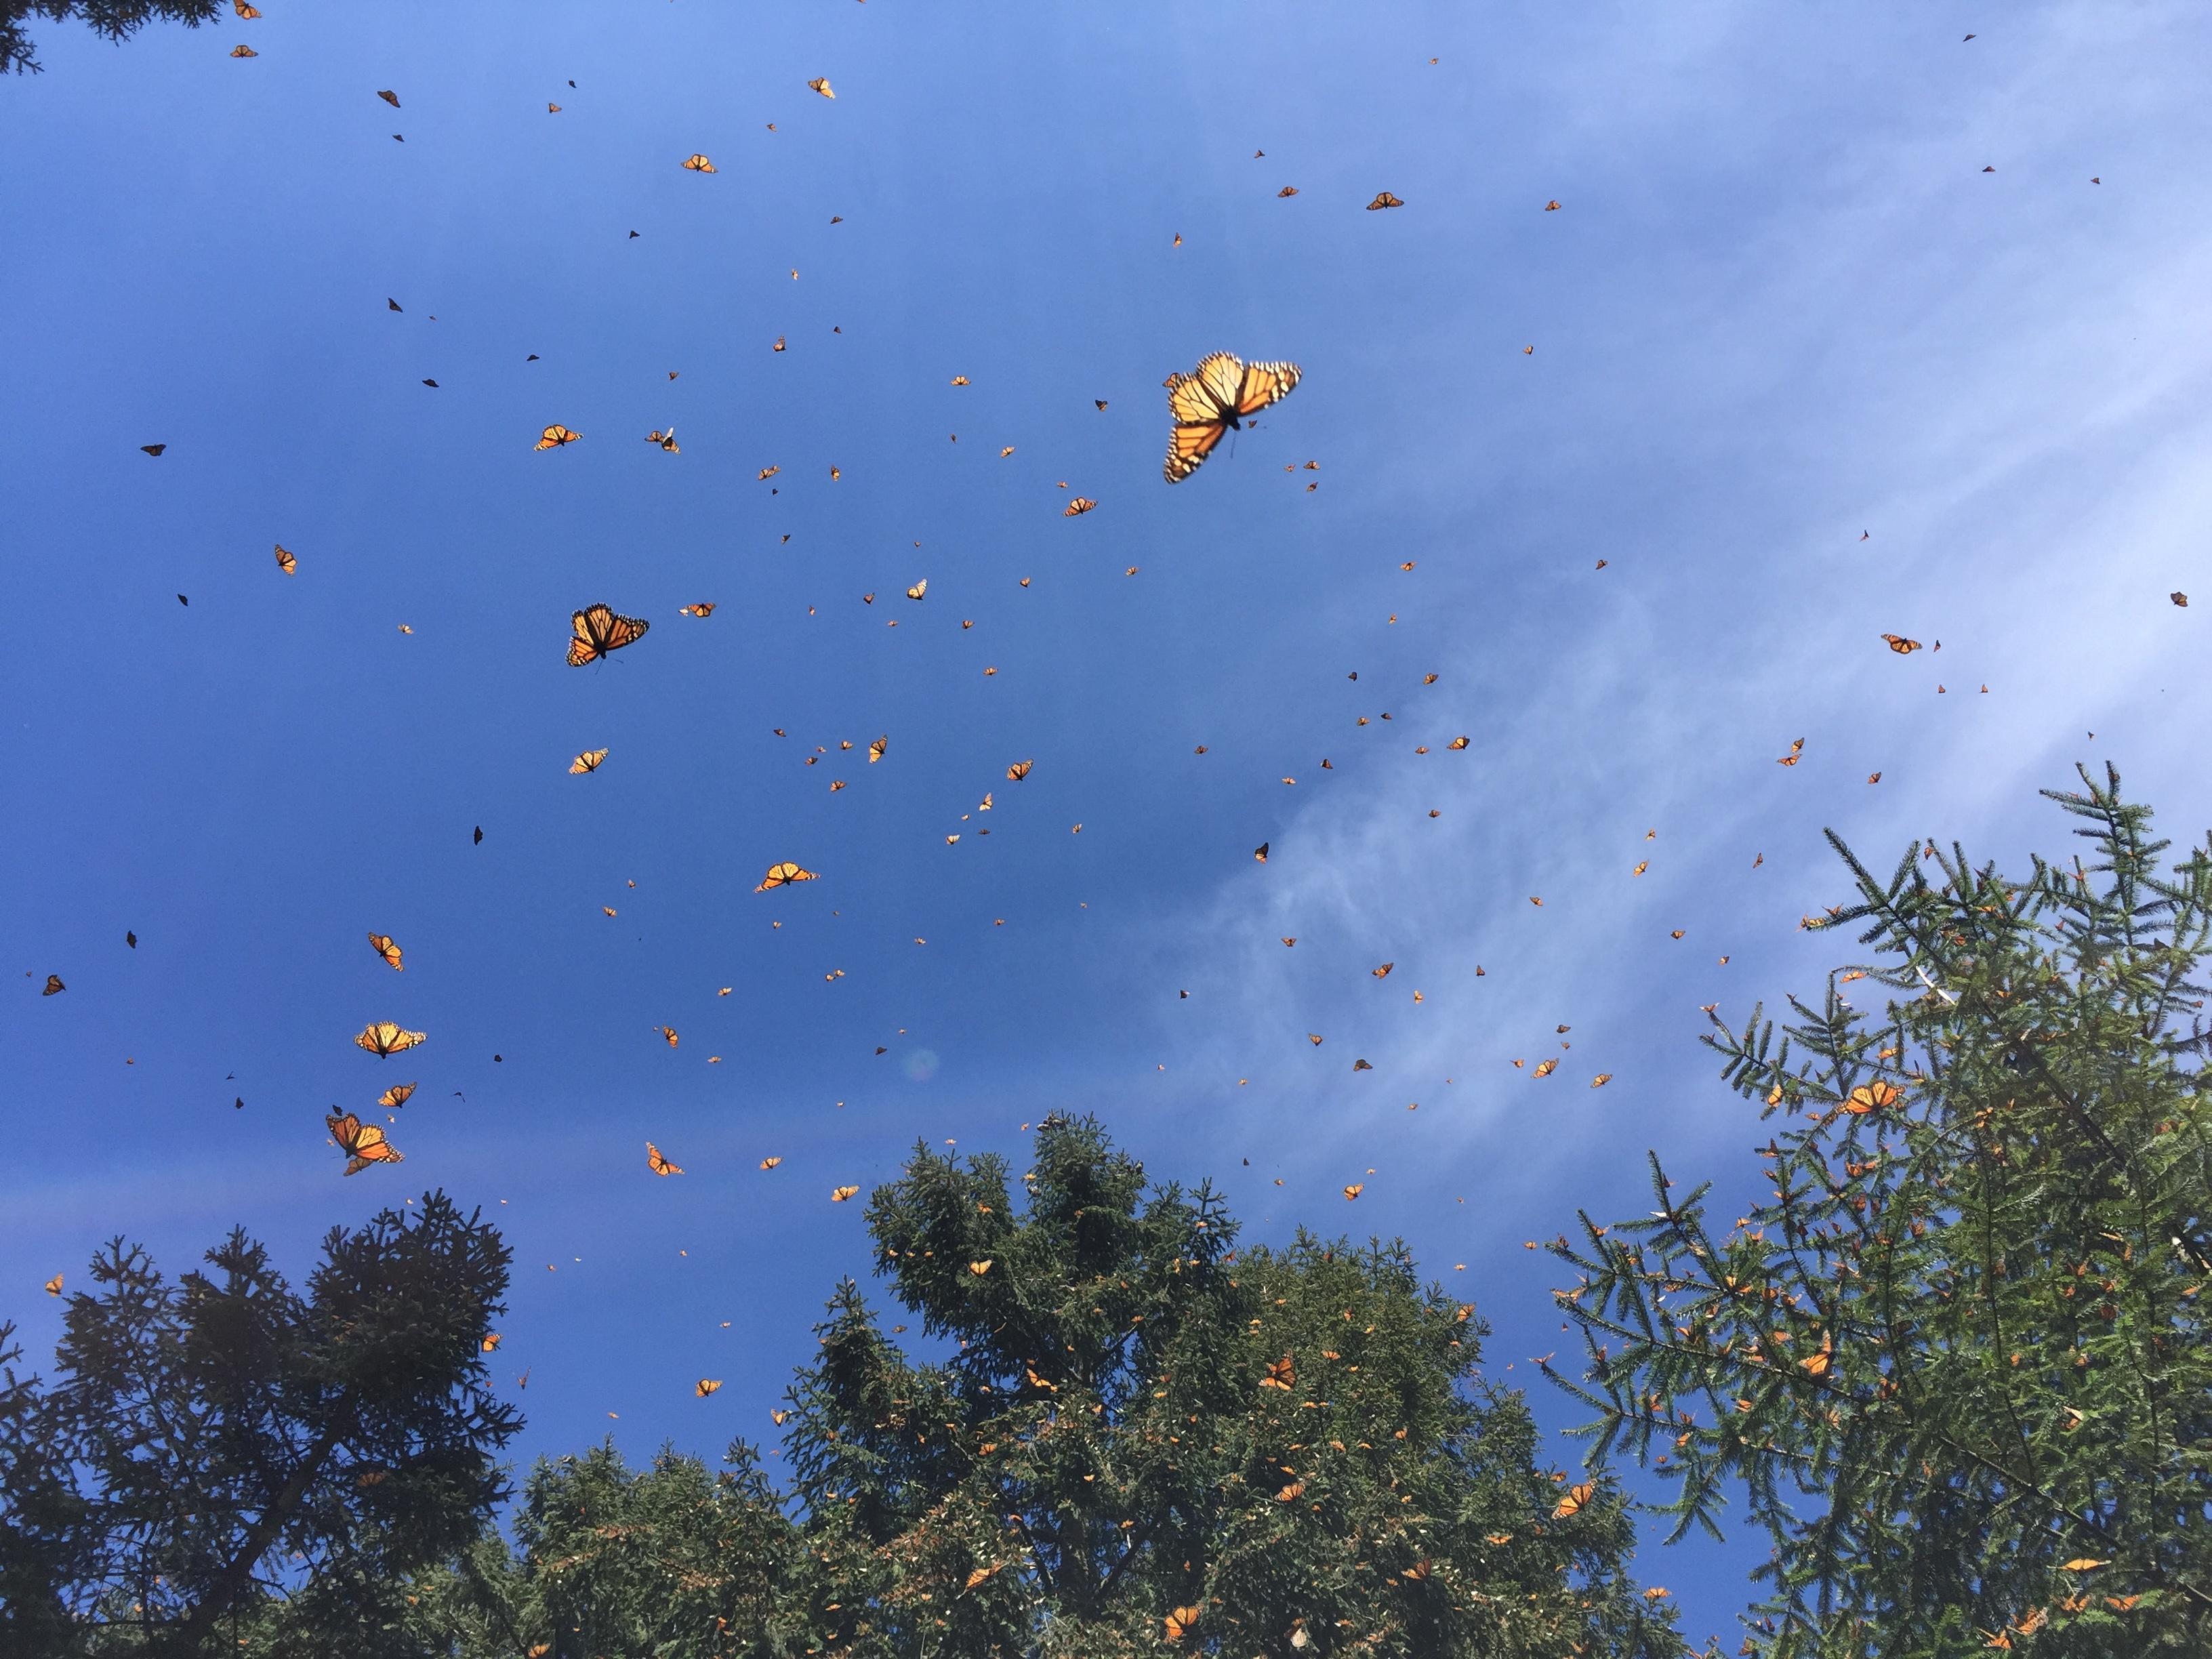 flying monarch butterflies